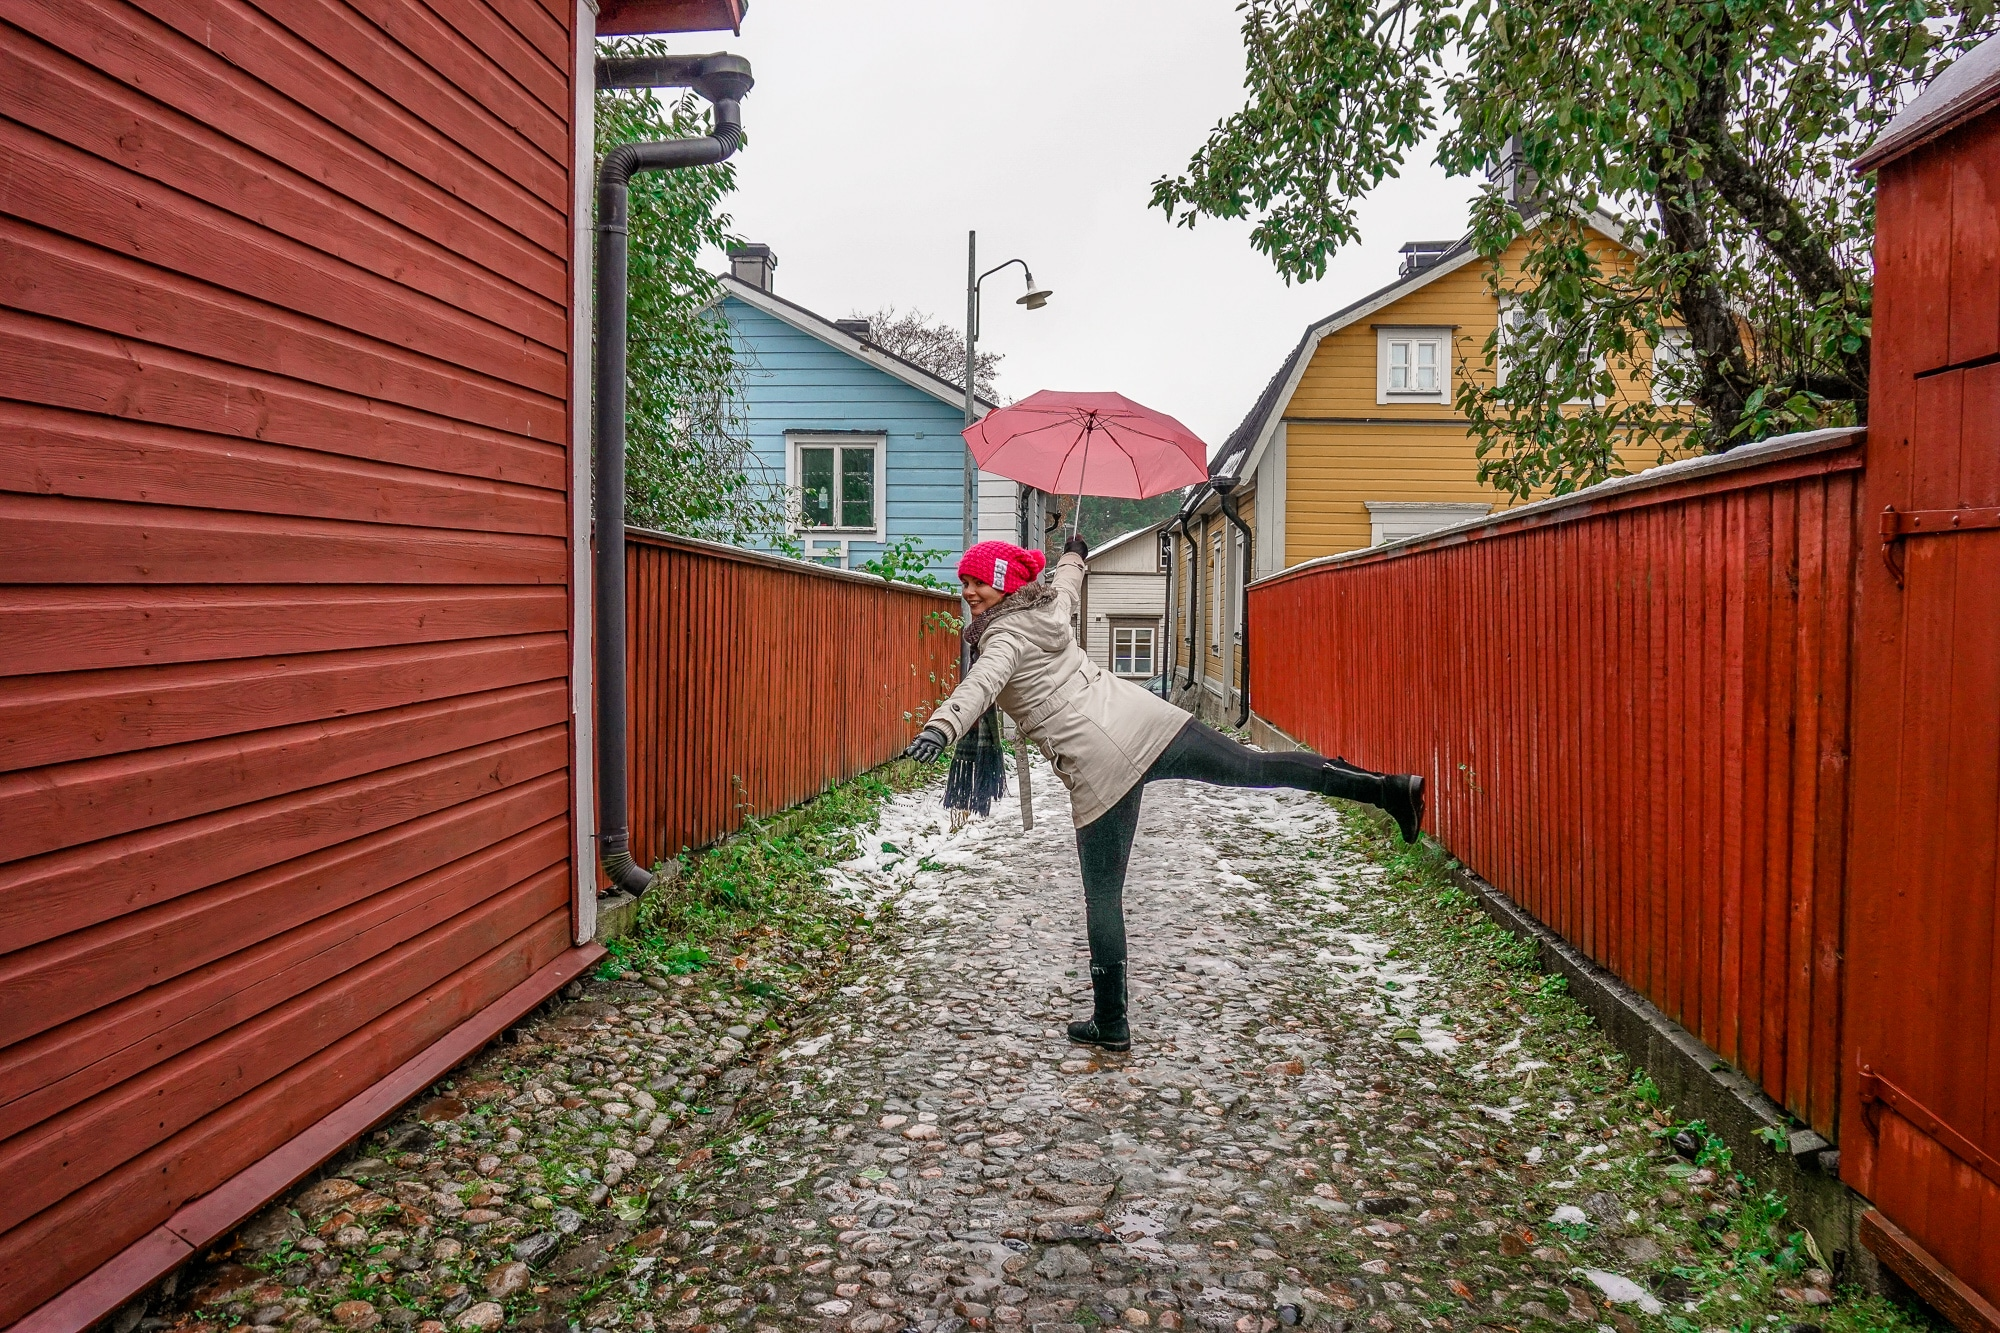 Foto Spots Helsinki: 5 Instagram Hotspots in der finnischen Hauptstadt